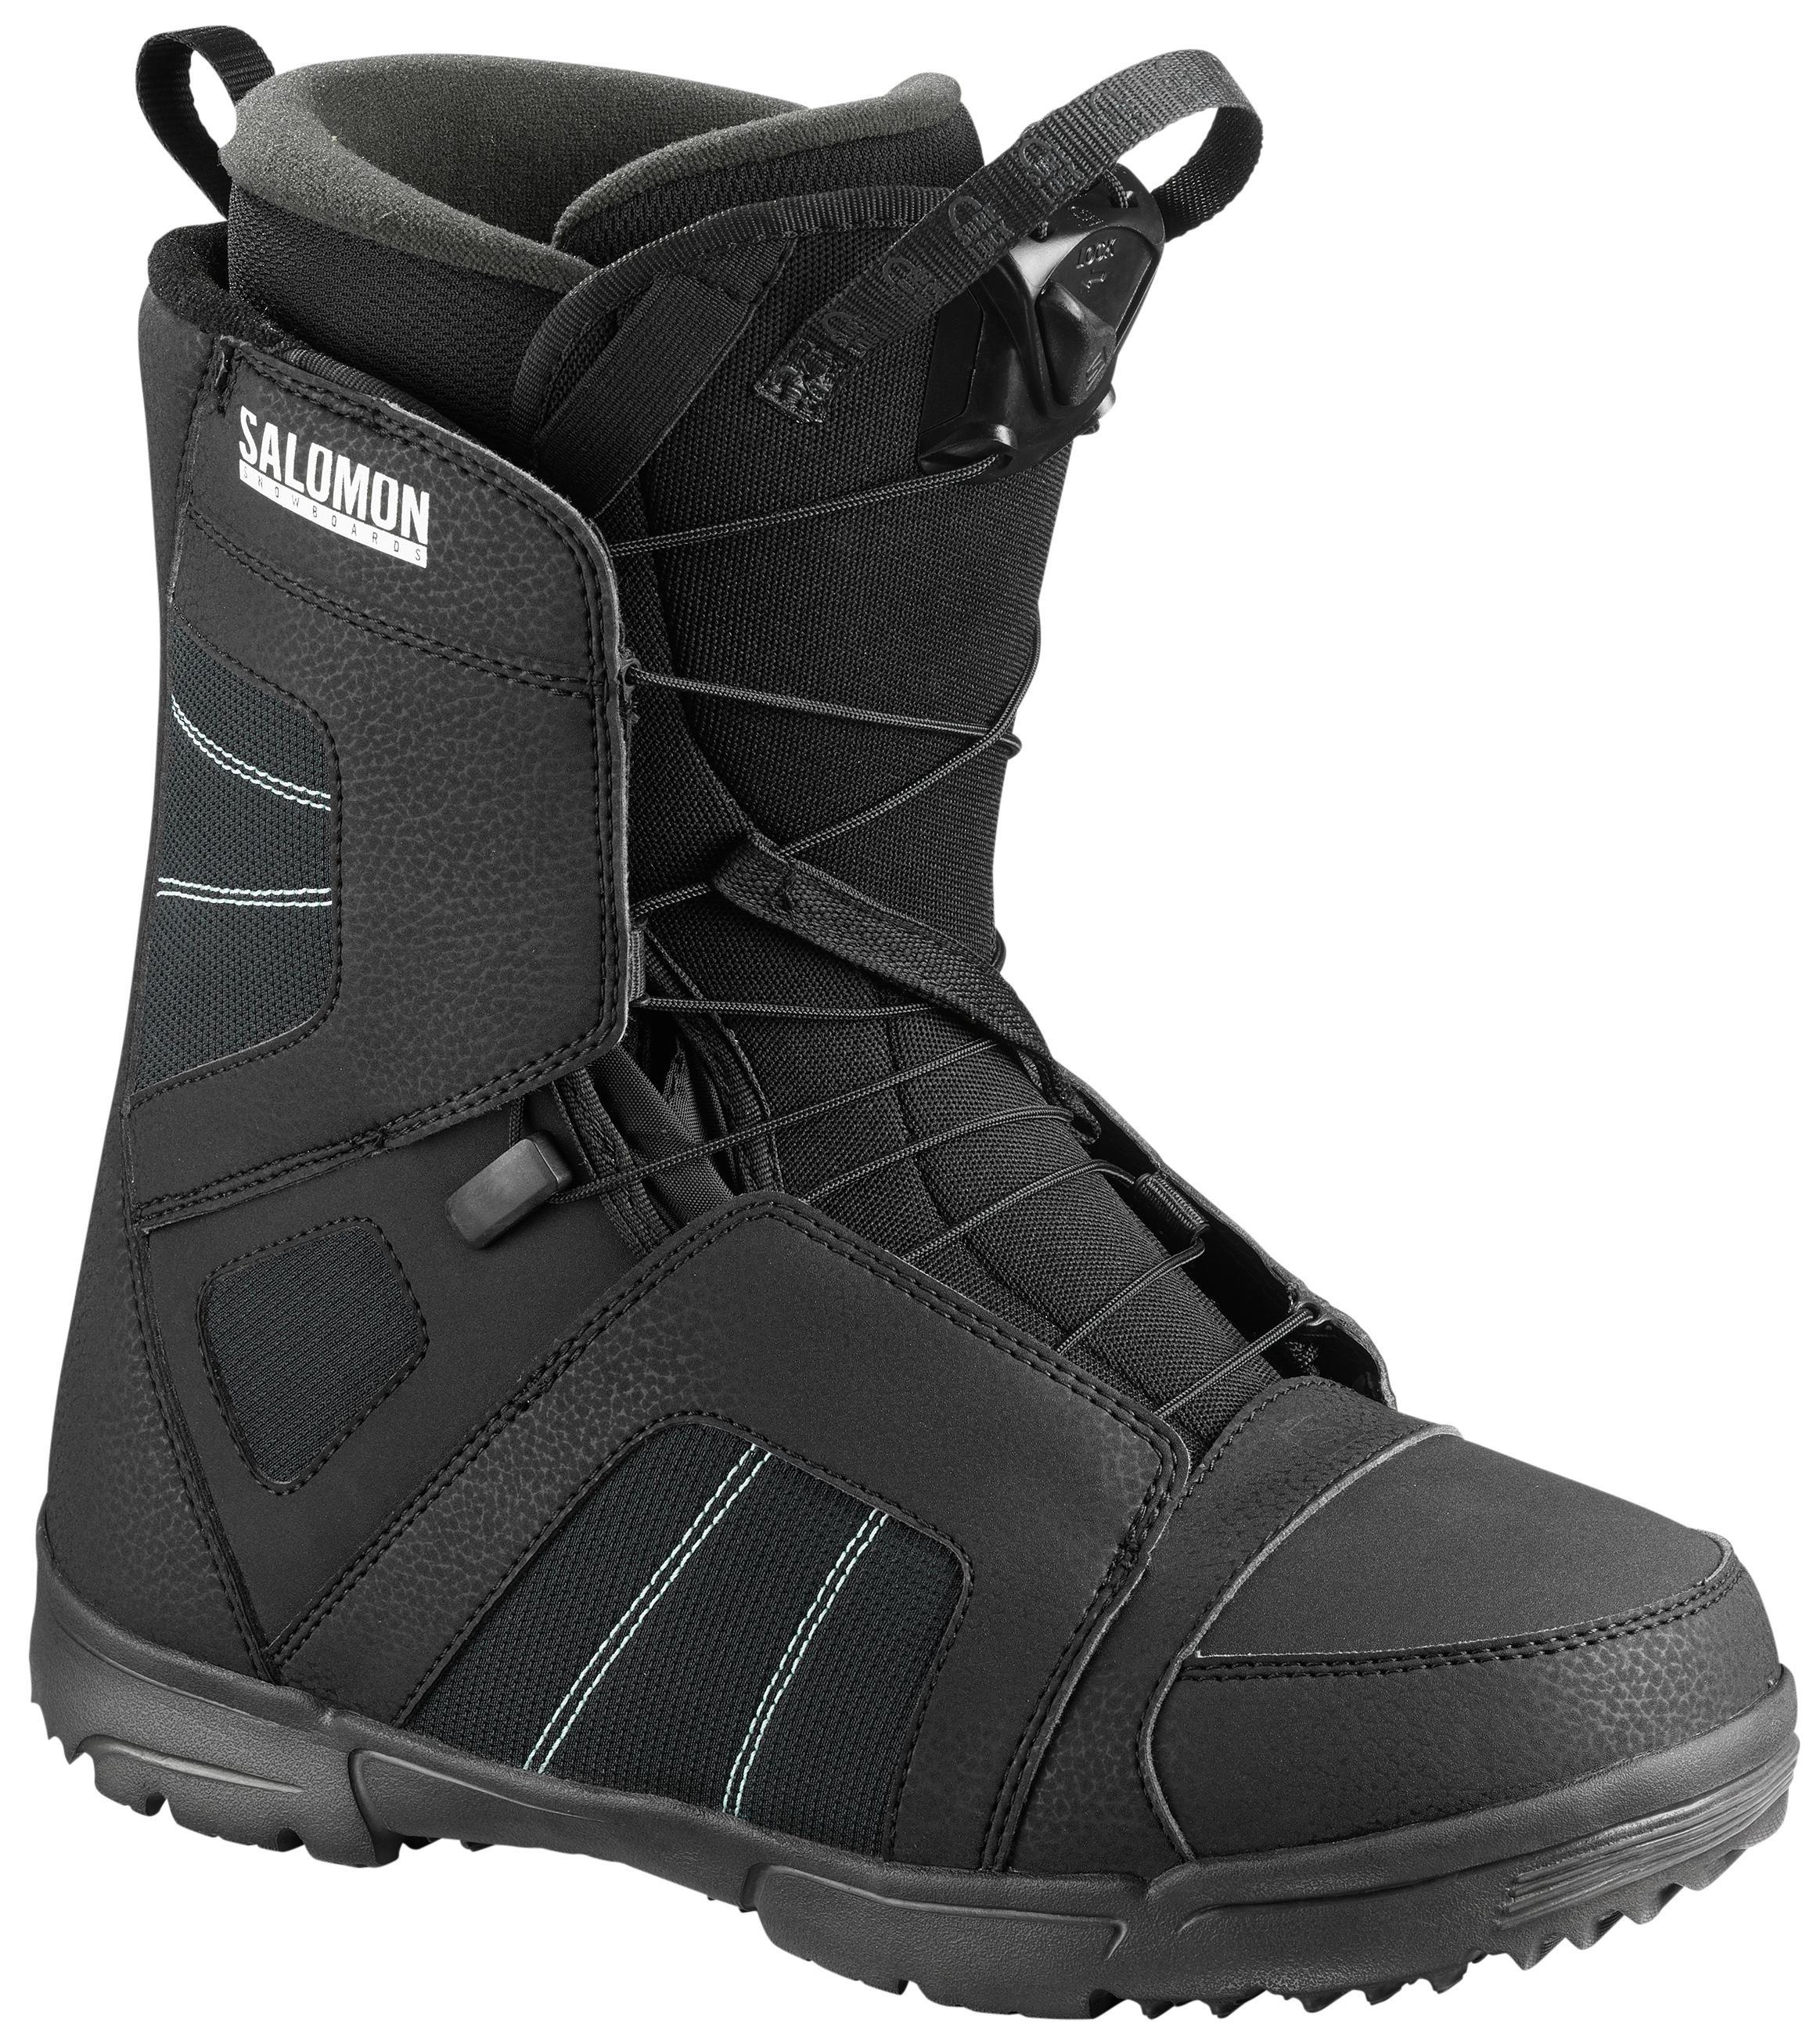 Ботинки Для Сноуборда Salomon 2018-19 Titan Black (См:27,5)